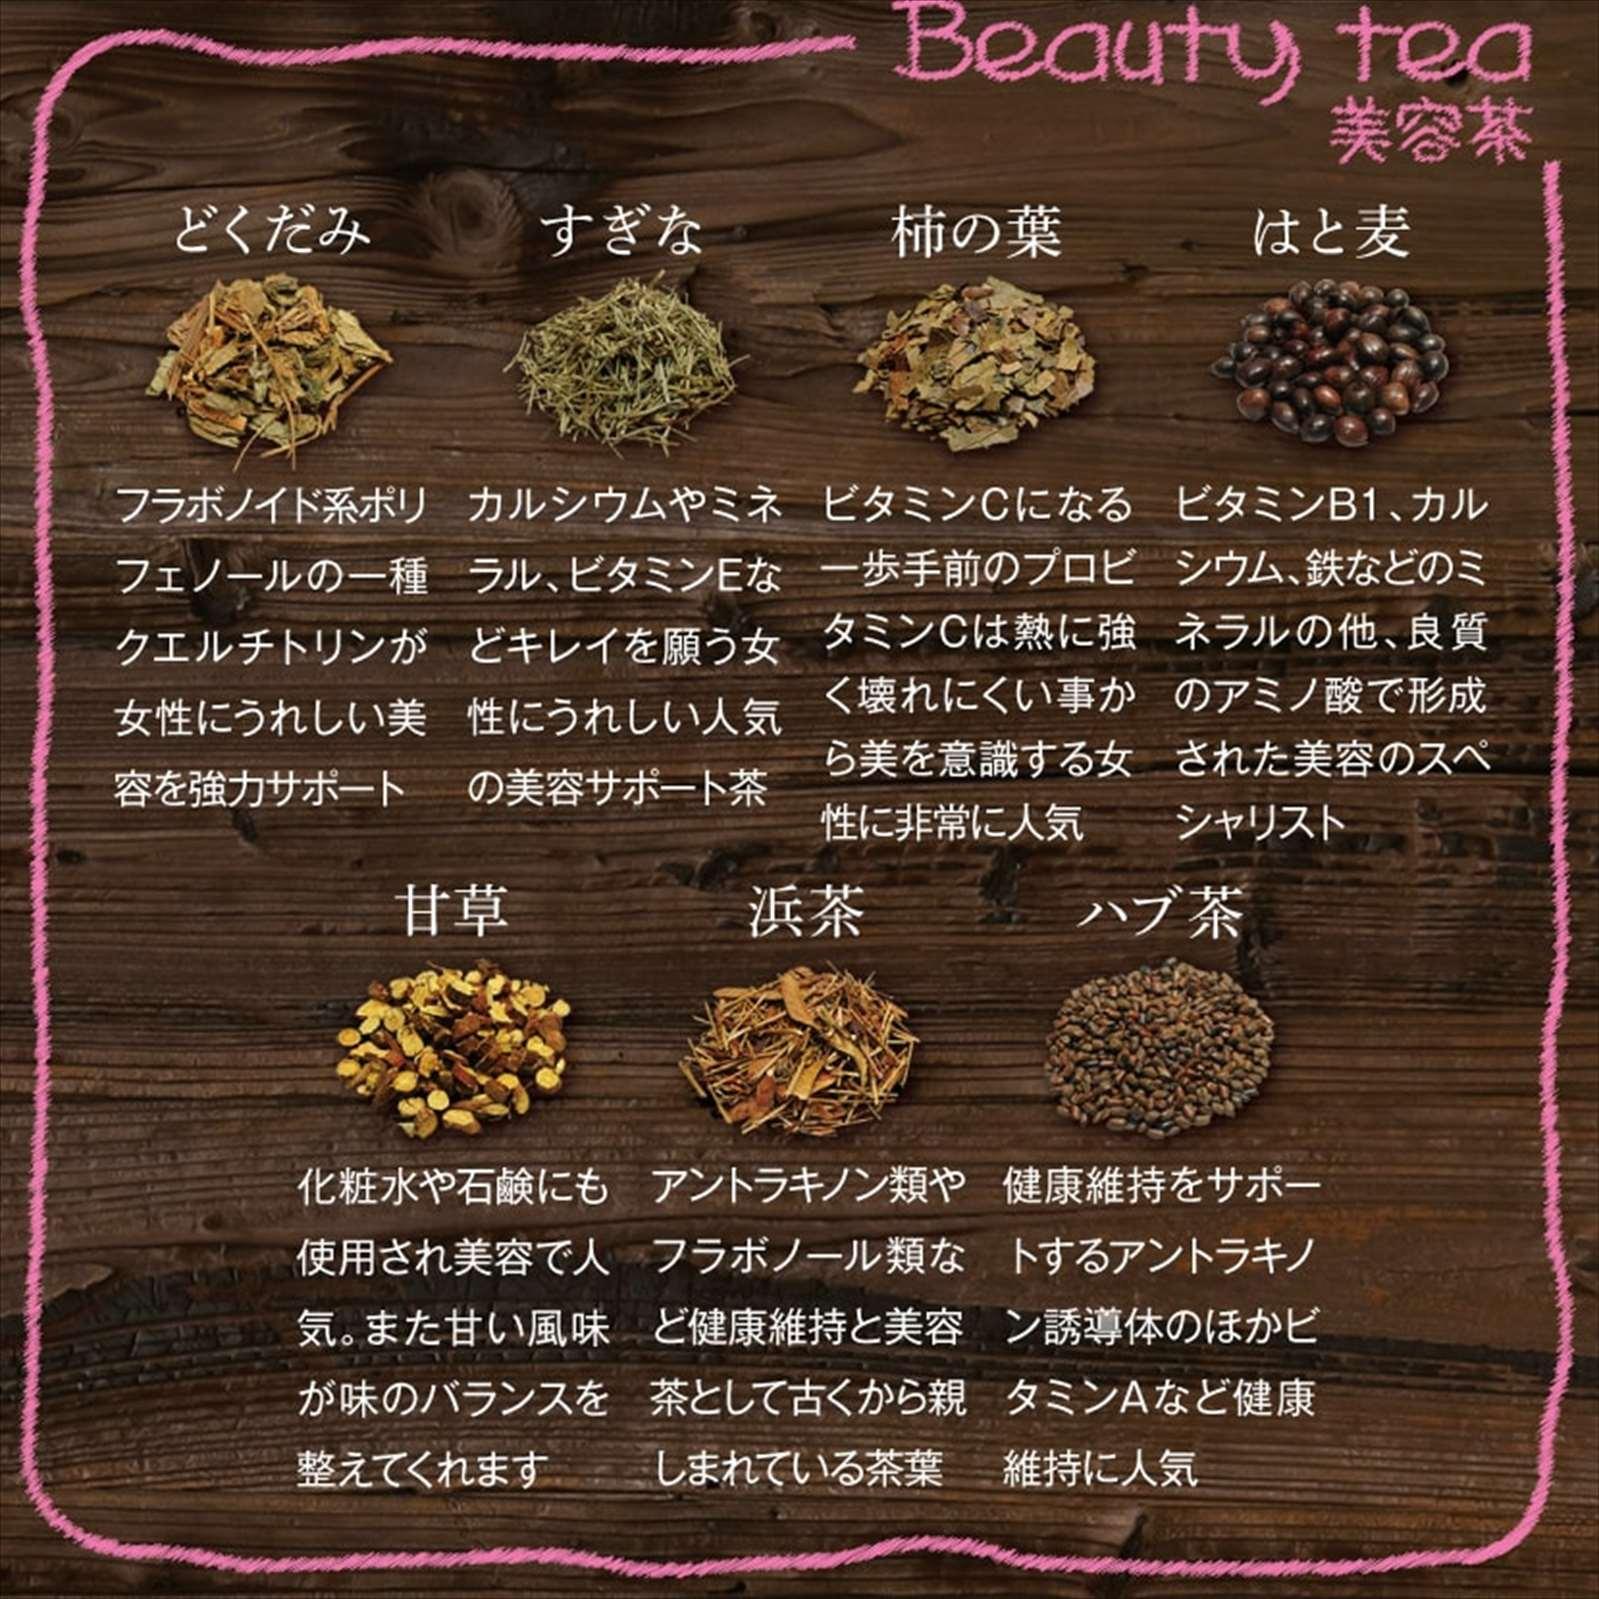 健康茶の健成の茶 18種 百貨店でも大人気!ノンカフェインで妊婦さんや小さいお子様もおいしく飲める美味しい健康茶